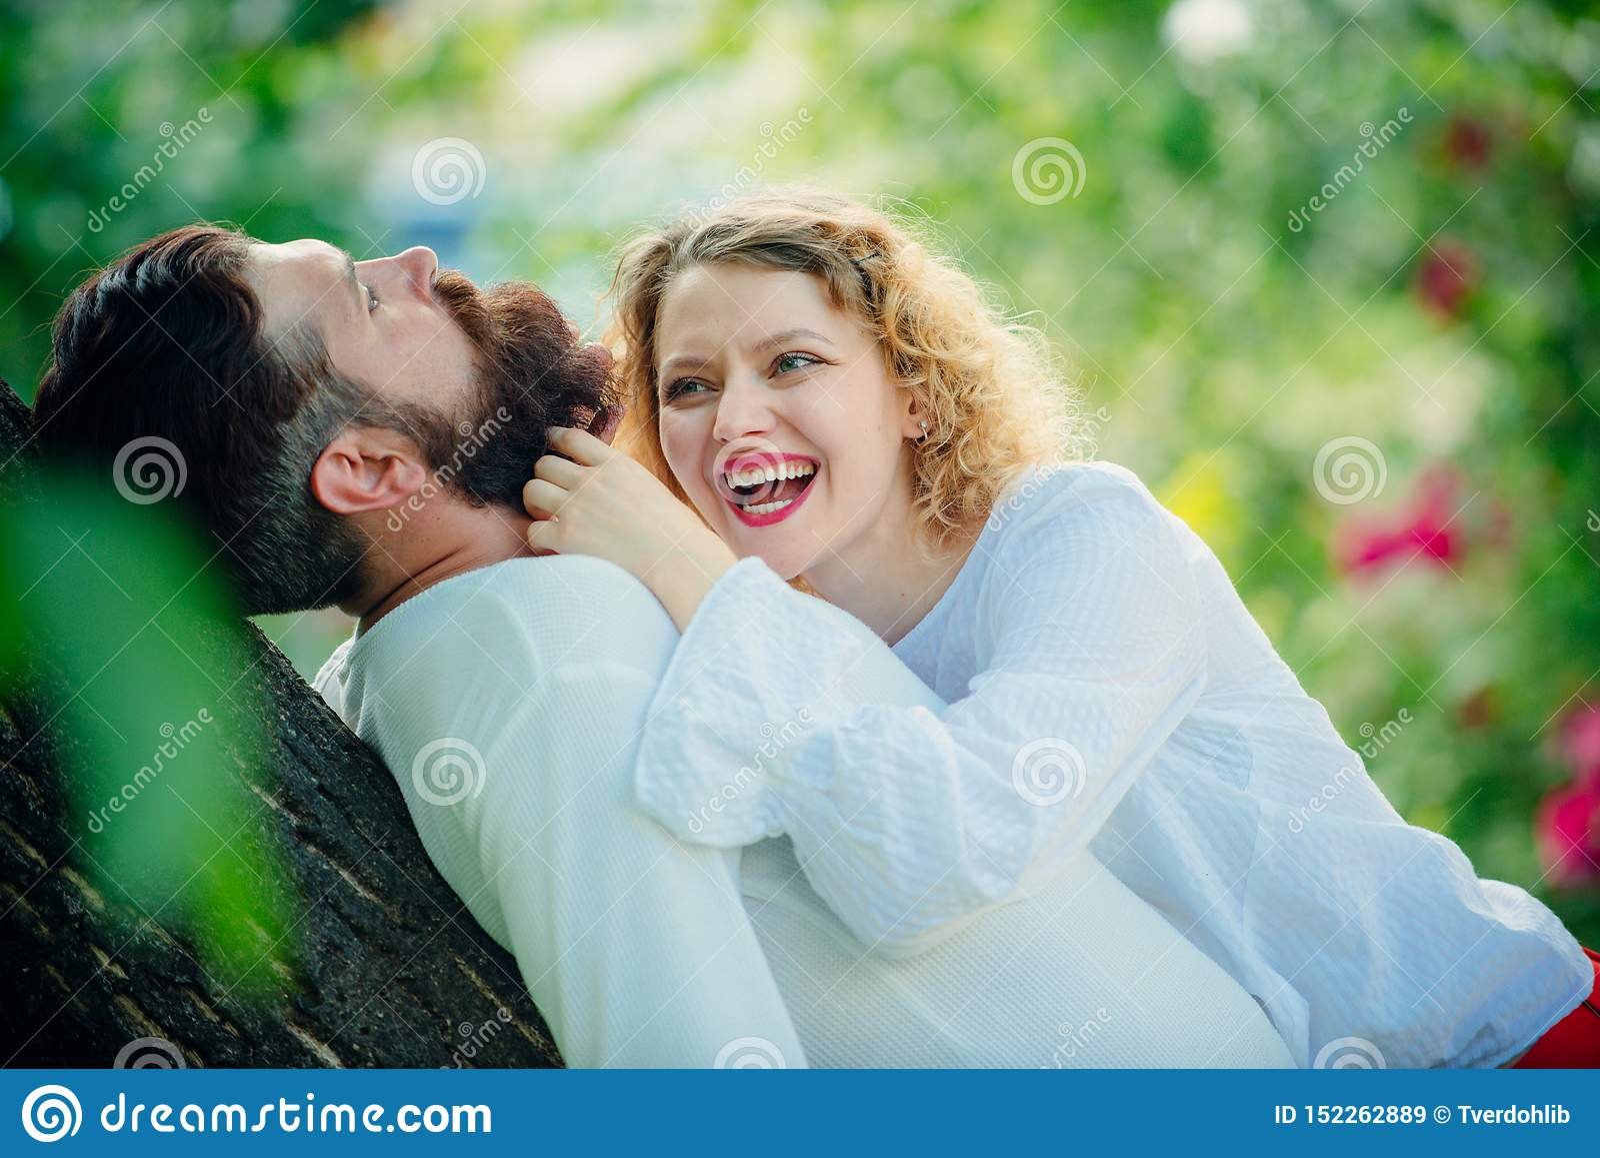 Retrato romántico de un par sensual en amor Gente en amor Intimidad y dulzura en amor Relaci?n sensual